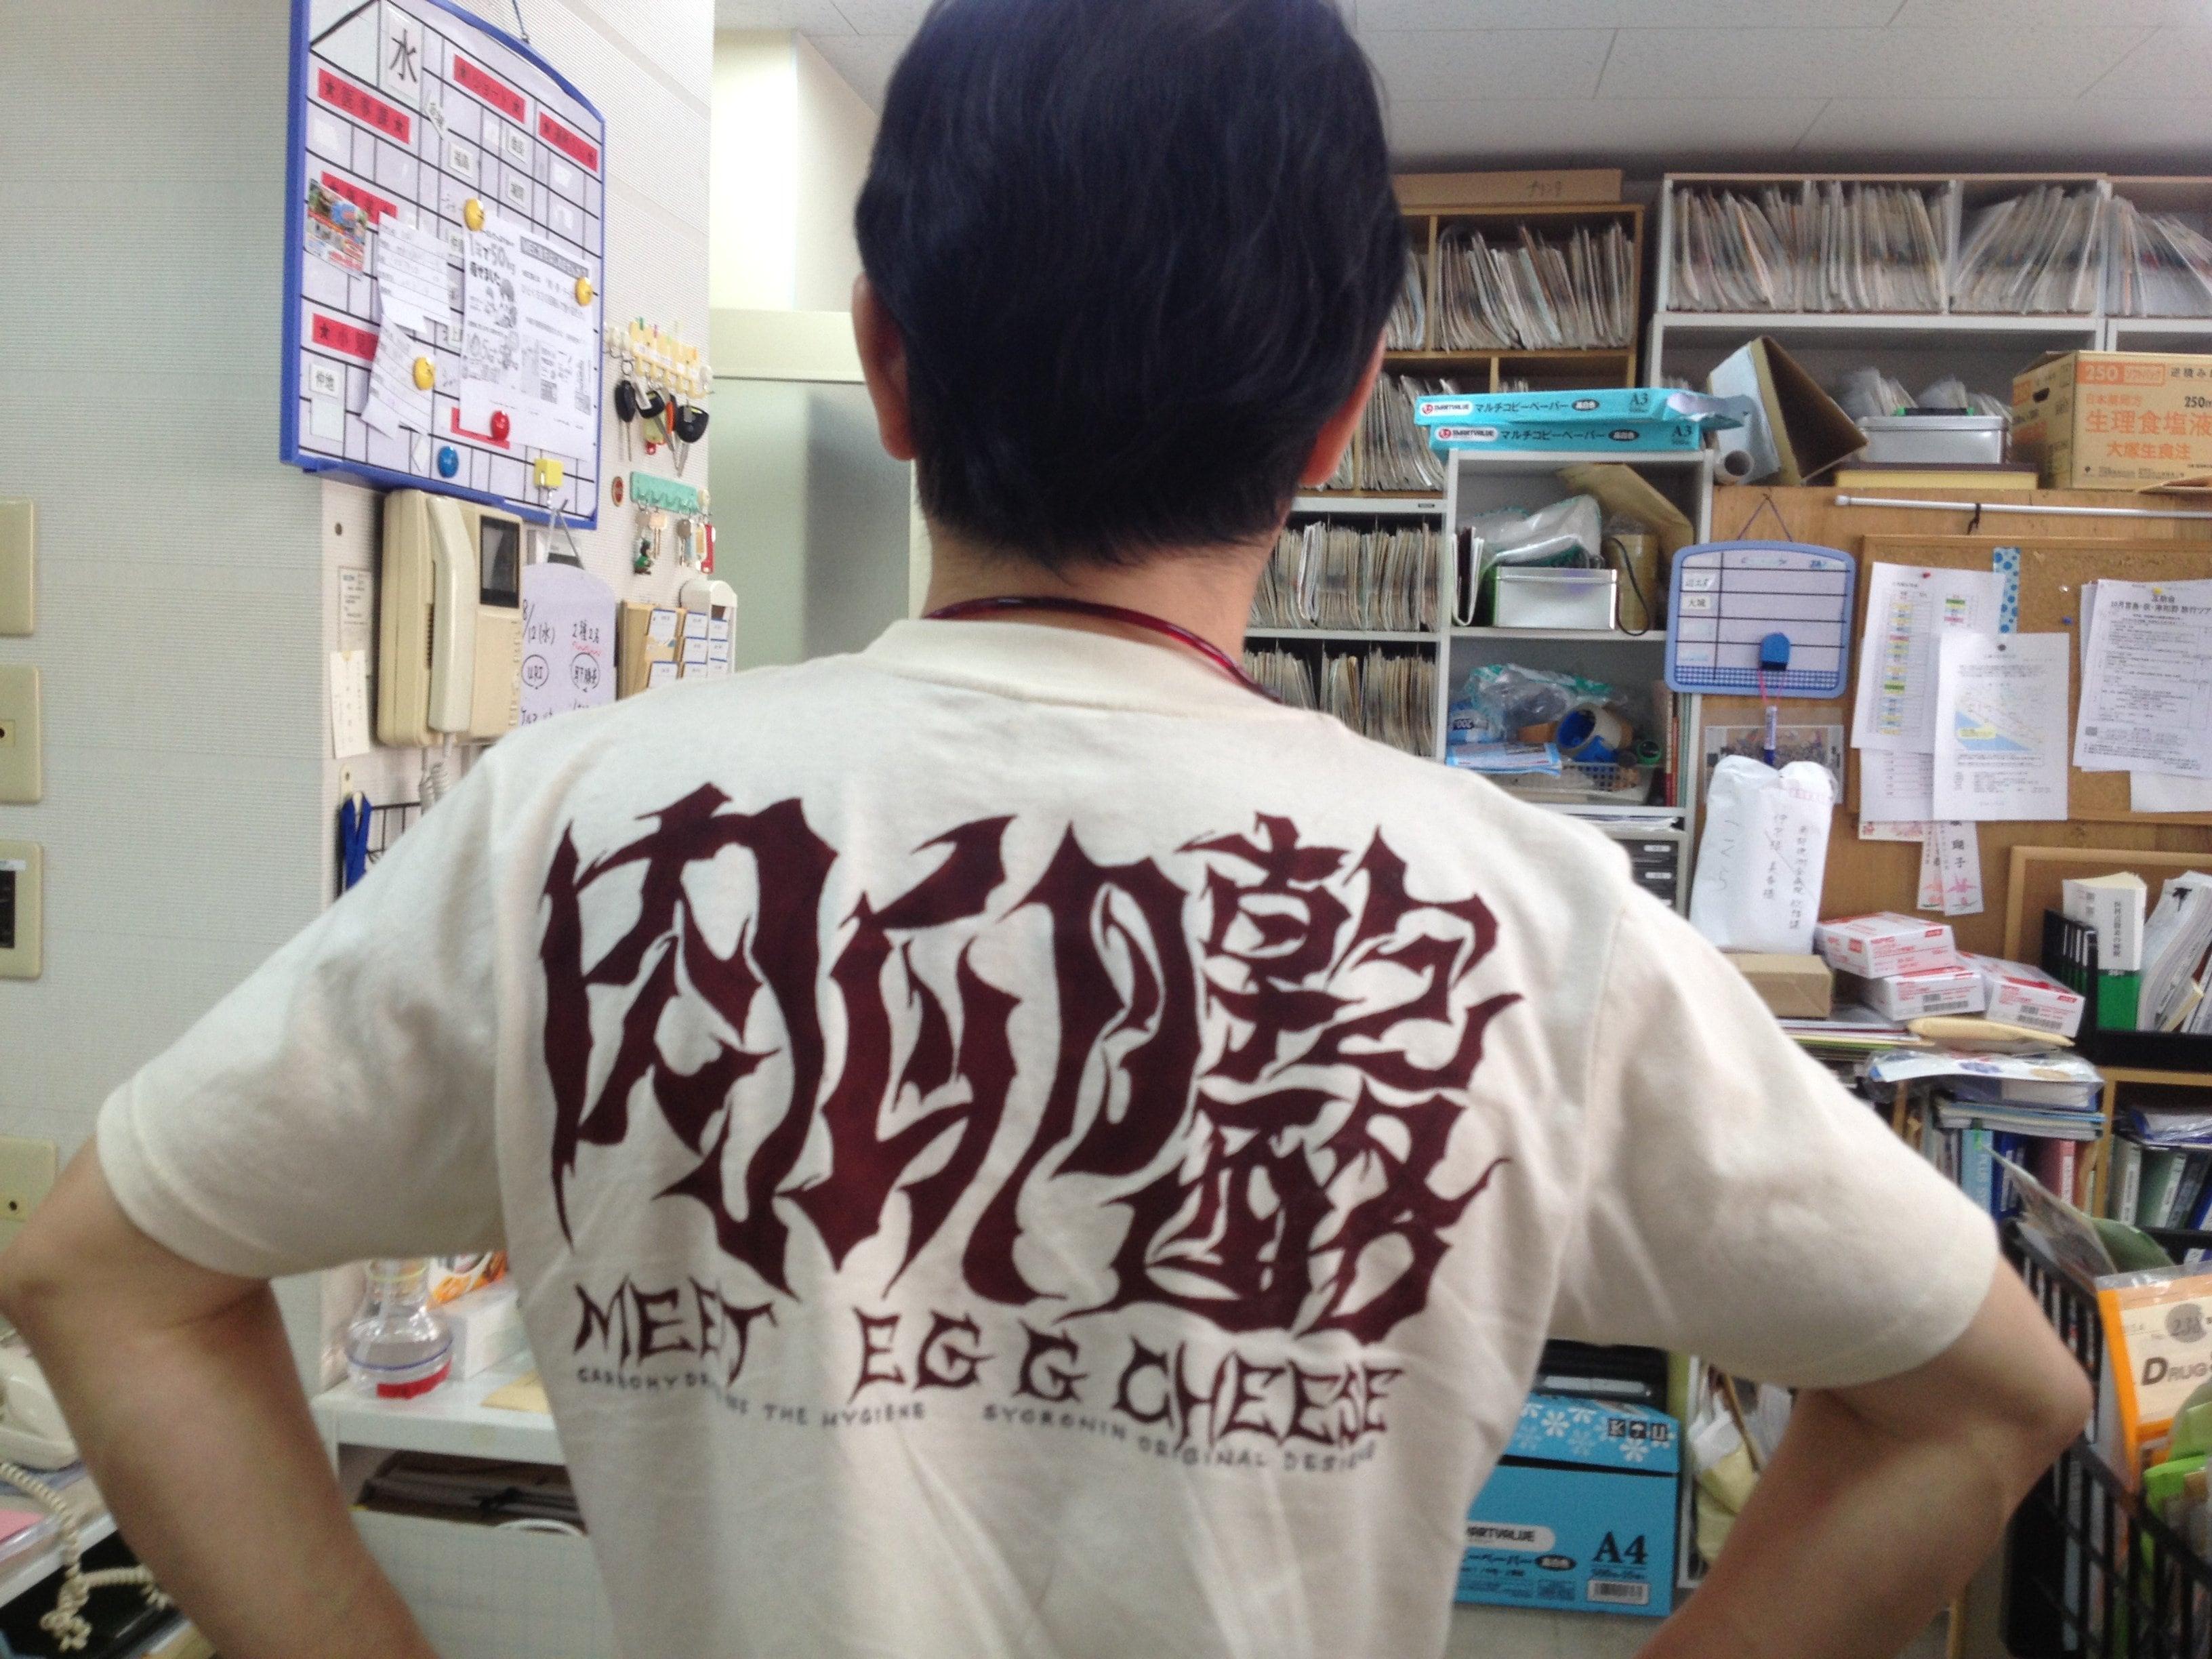 書浪人善隆さんの「MEC Tee」